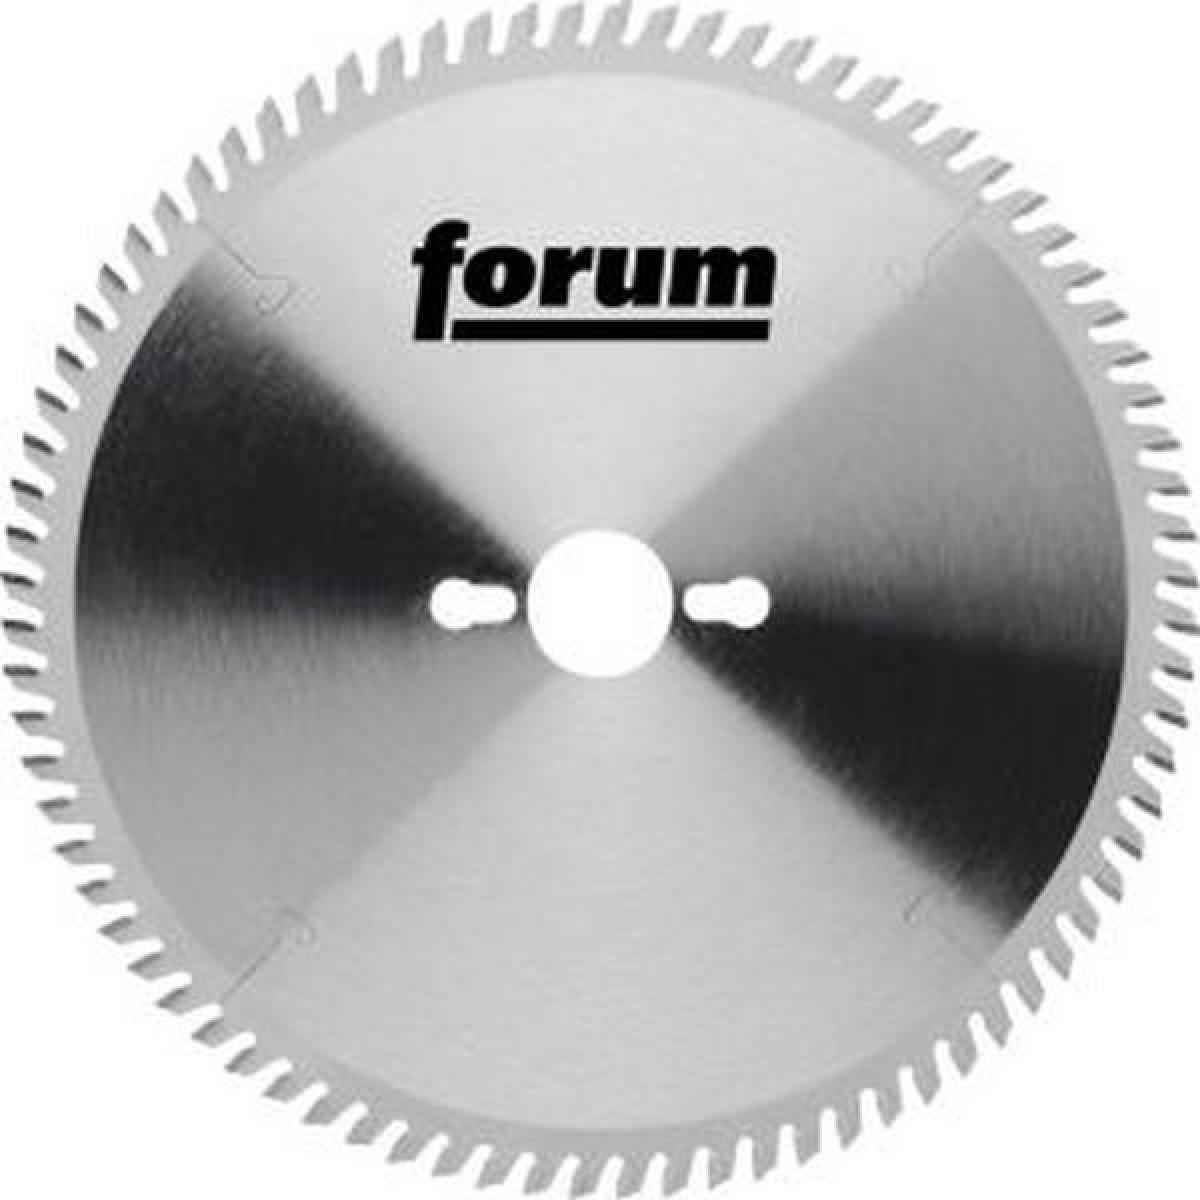 Forum Lame de scie circulaire, Ø : 190 mm, Larg. : 2,8 mm, Alésage 30 mm, Perçages secondaires : 2/7/42, Dents : 24